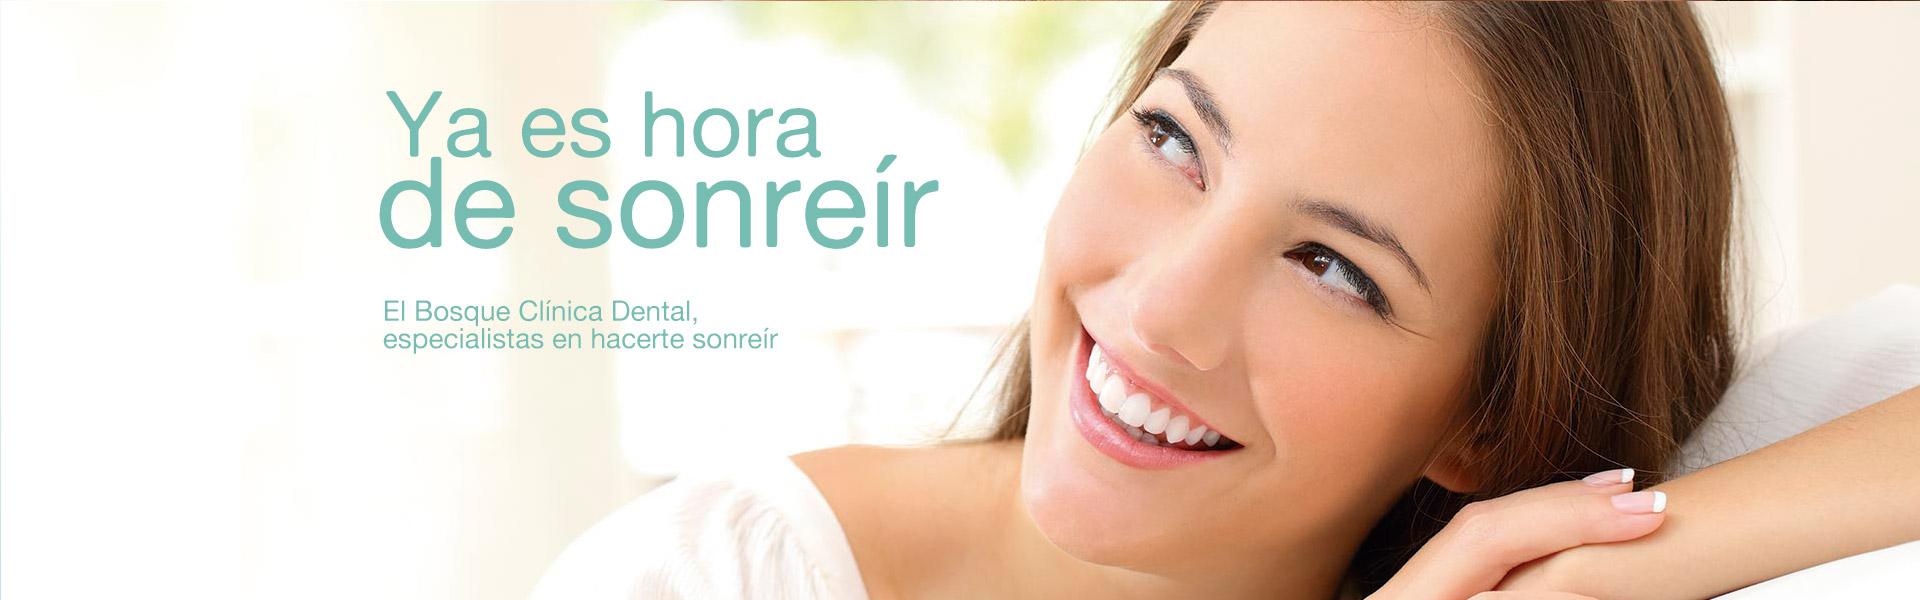 Clínica dental en Jerez